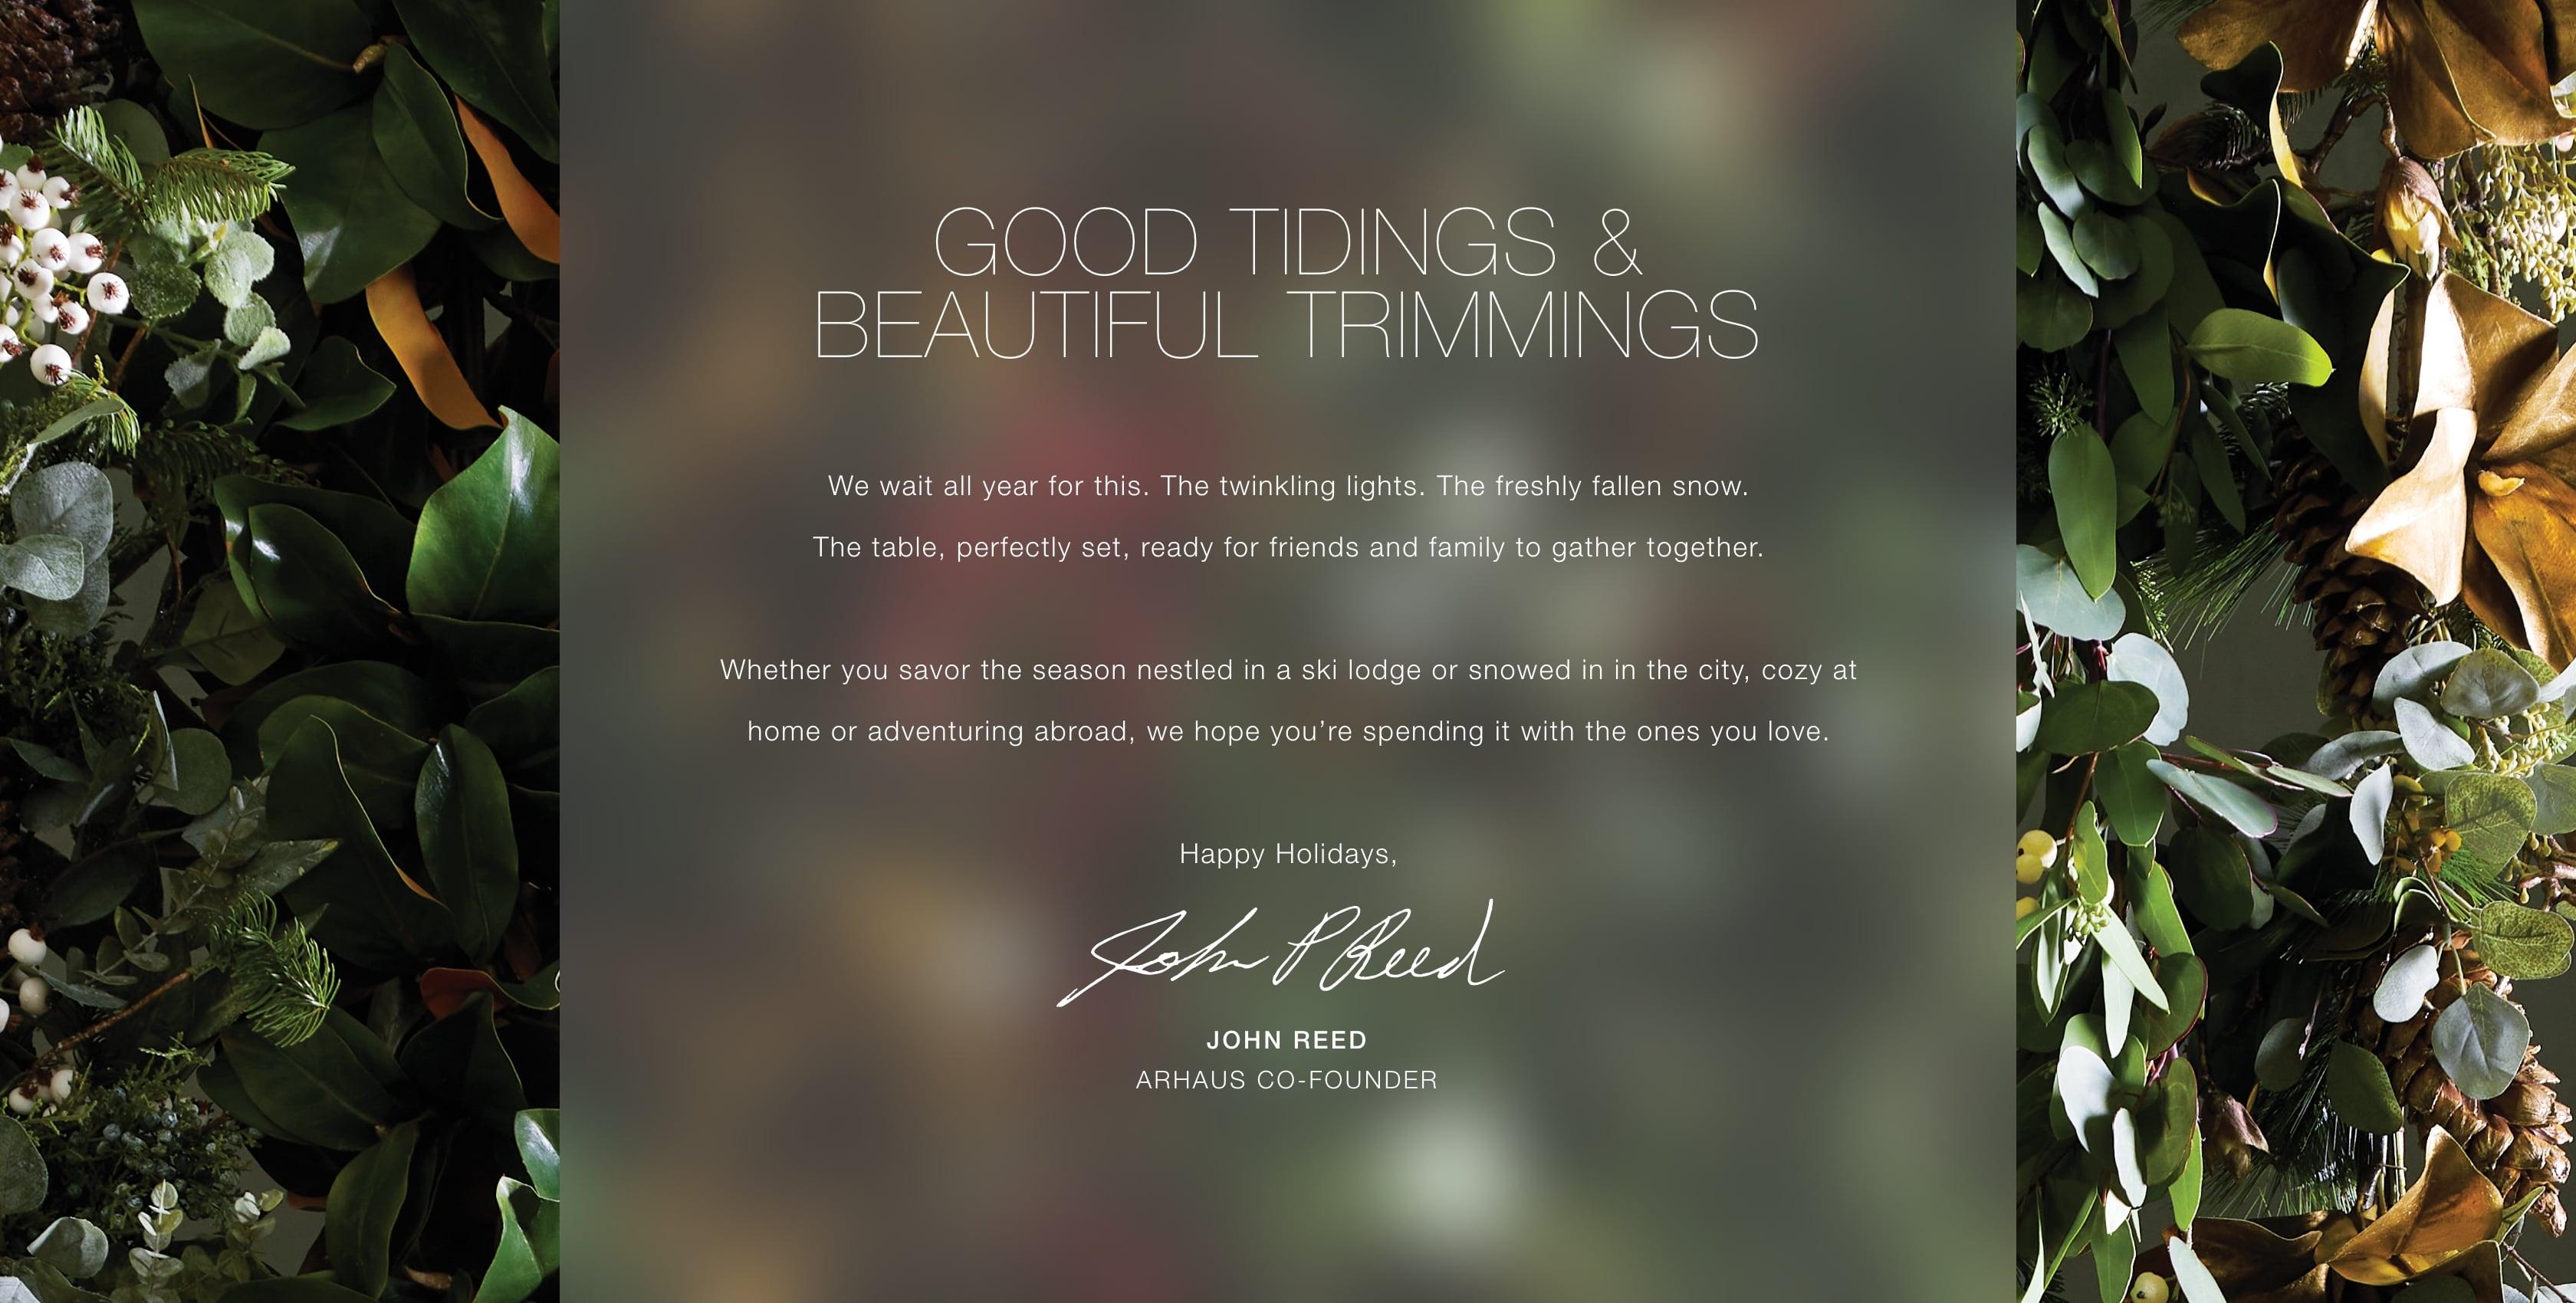 Good Tidings & Beautiful Trimmings from Arhaus